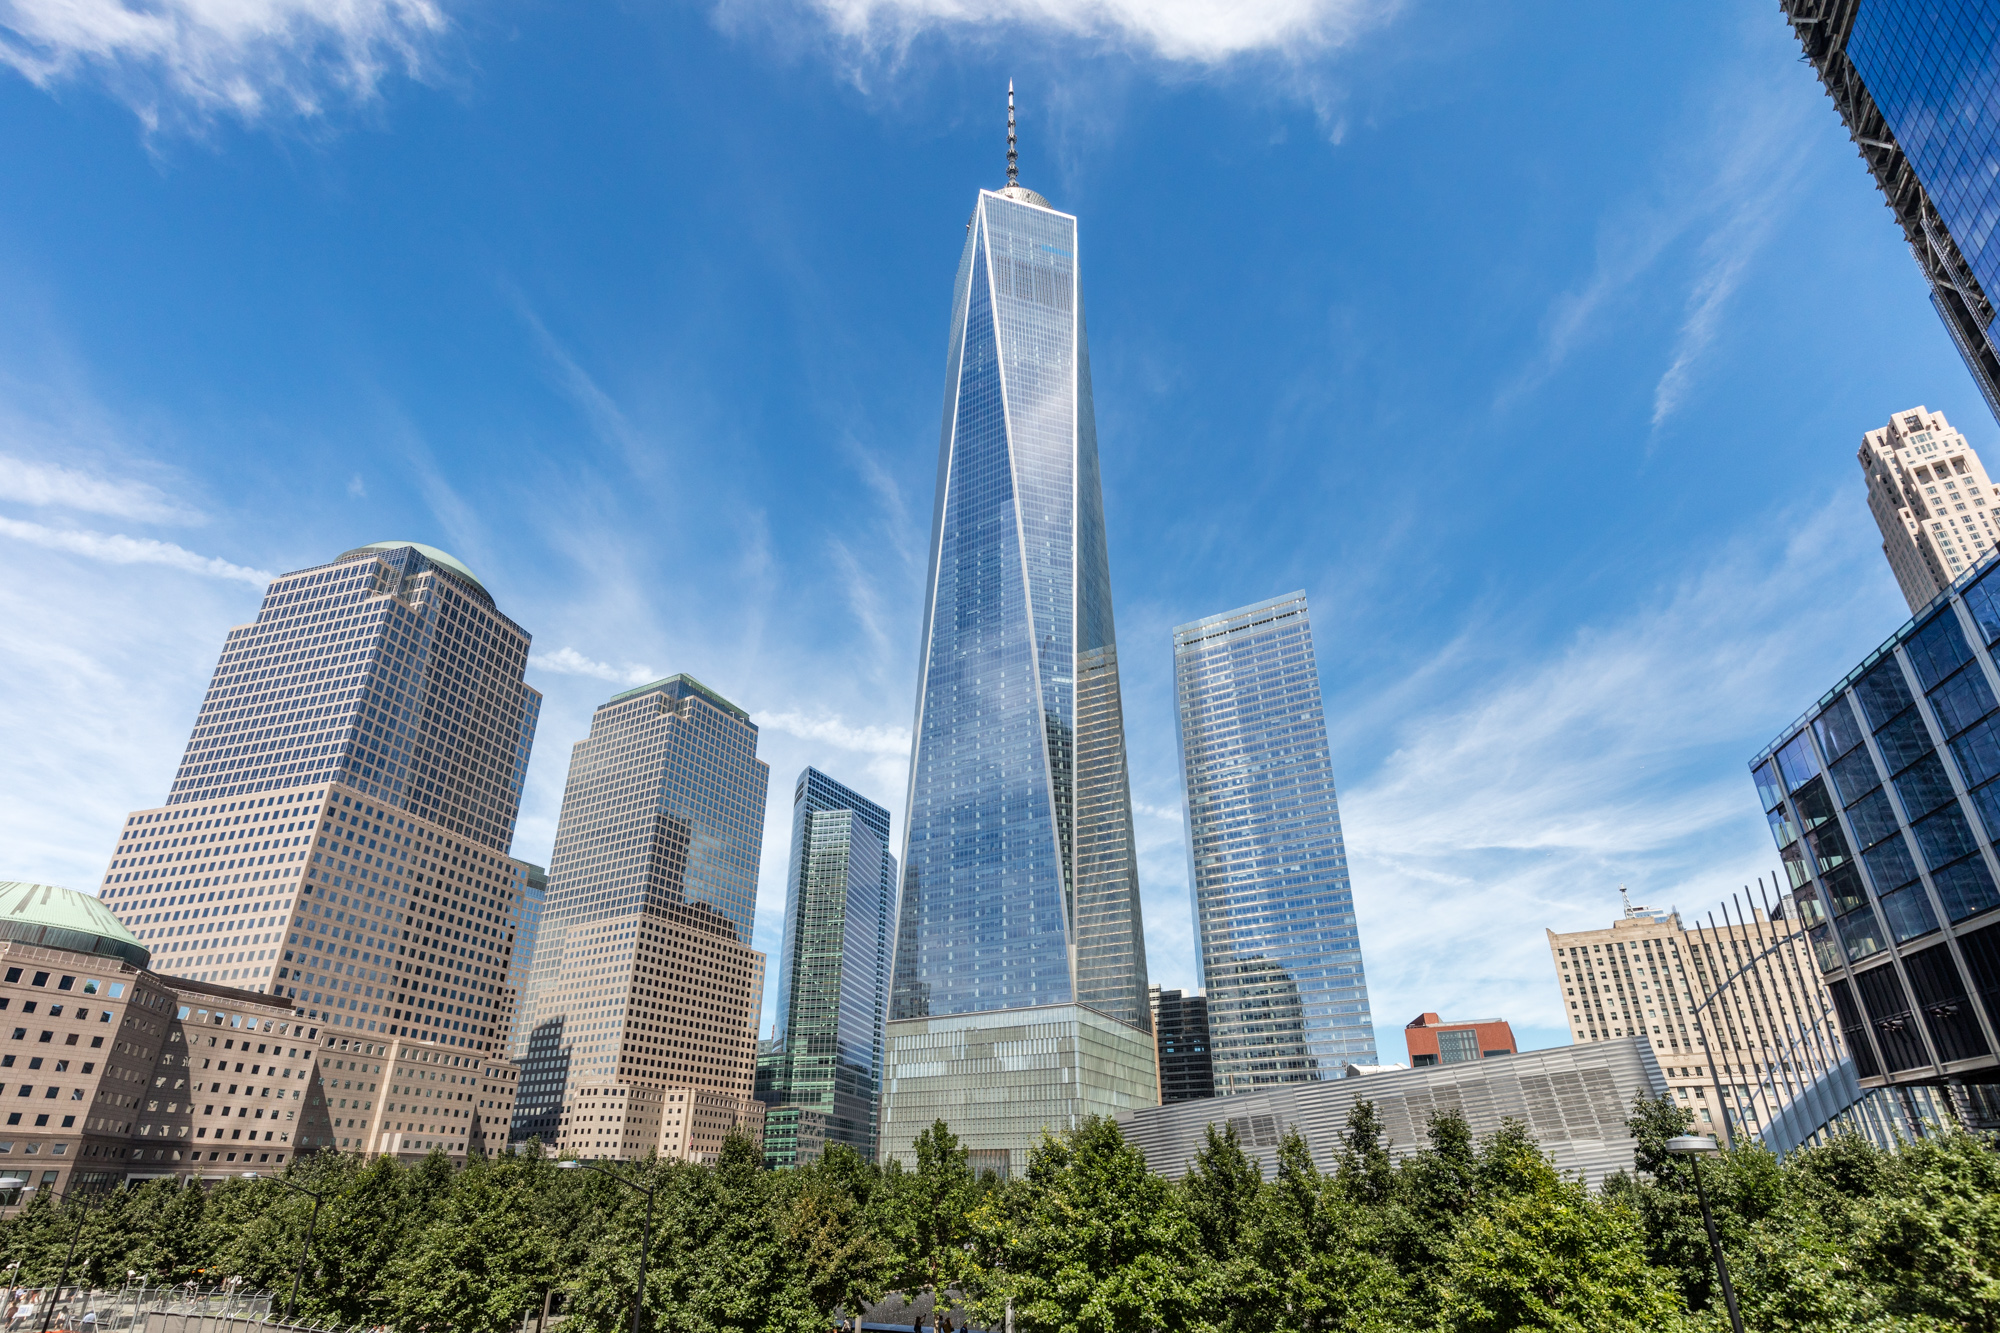 Risultati immagini per One World Trade Center